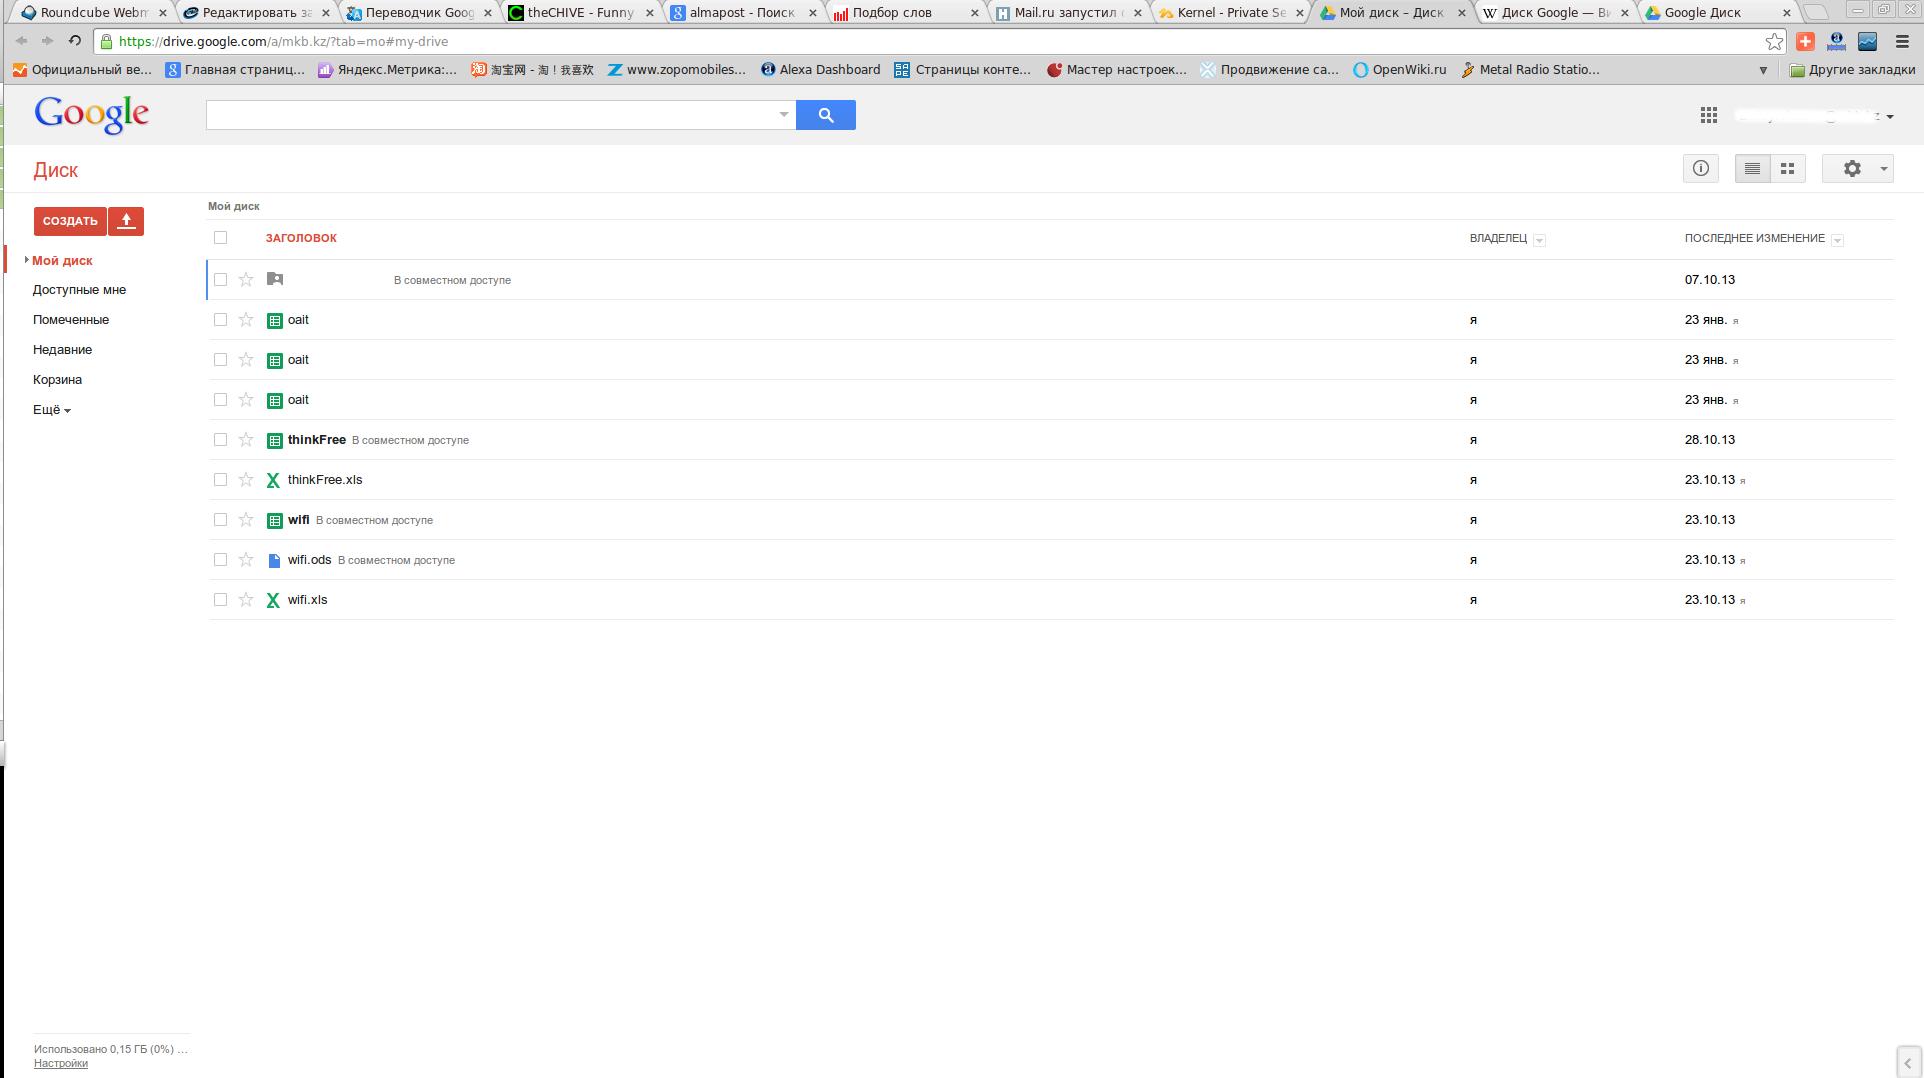 GoogleDrive-interface kolbosa.kz